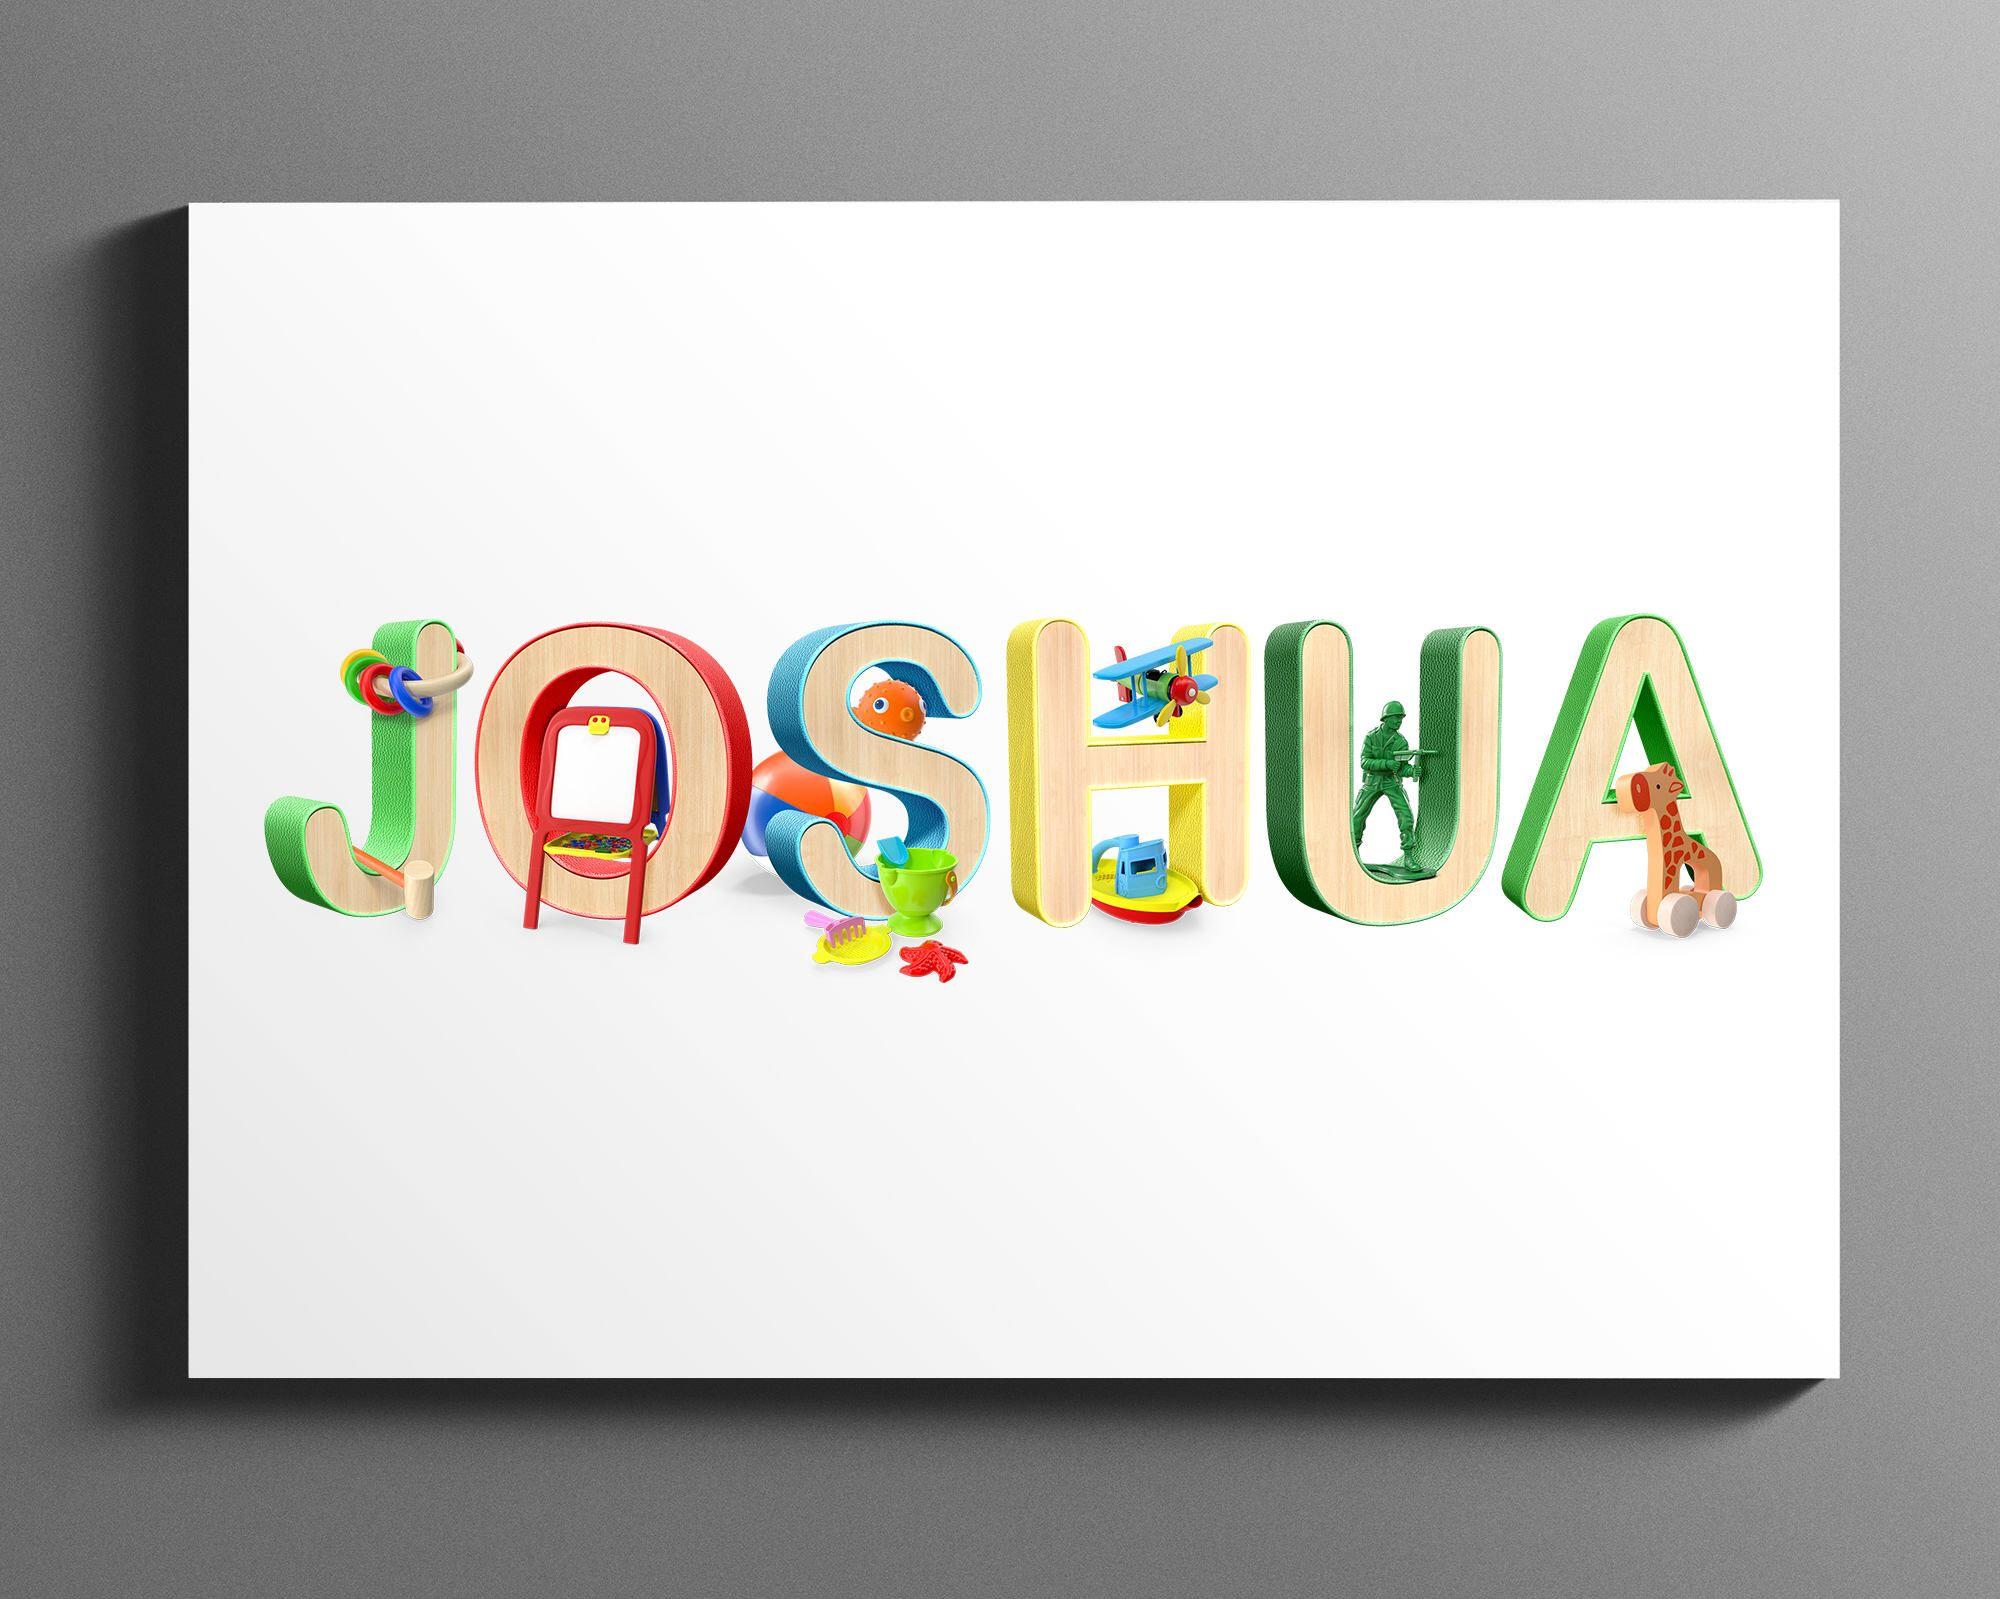 Hand Drawn Custom Personalized Name Art 7 Letter Original Drawing Illustration 175 00 Via Etsy Kunststunden Kunst